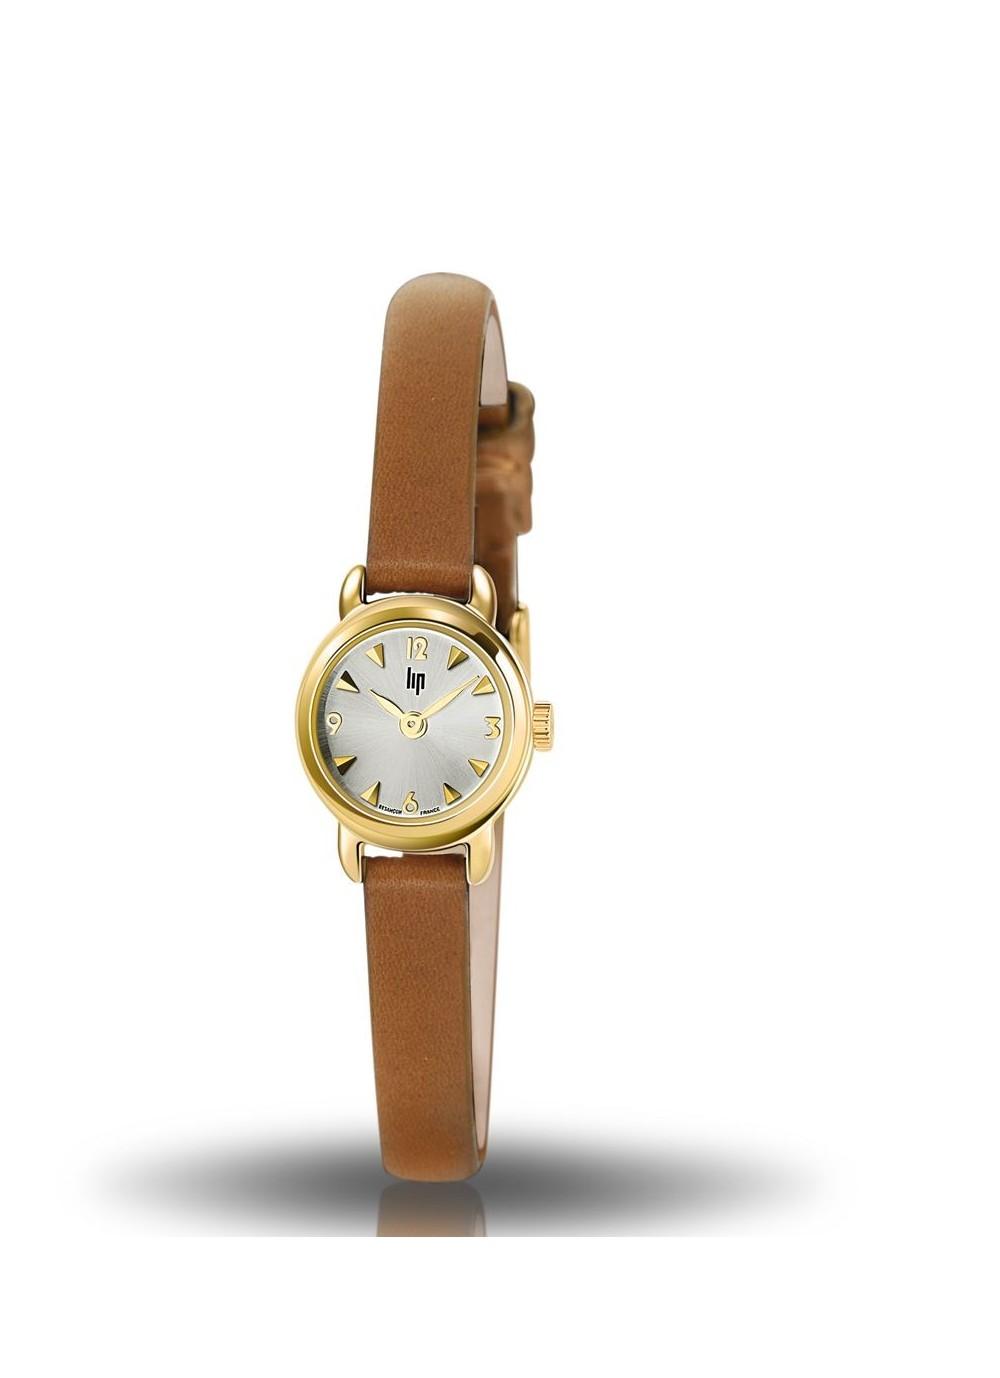 montre Lip, henriette, boitier rond acier doré, cadran gris, cuir camel, quartz, 6711896